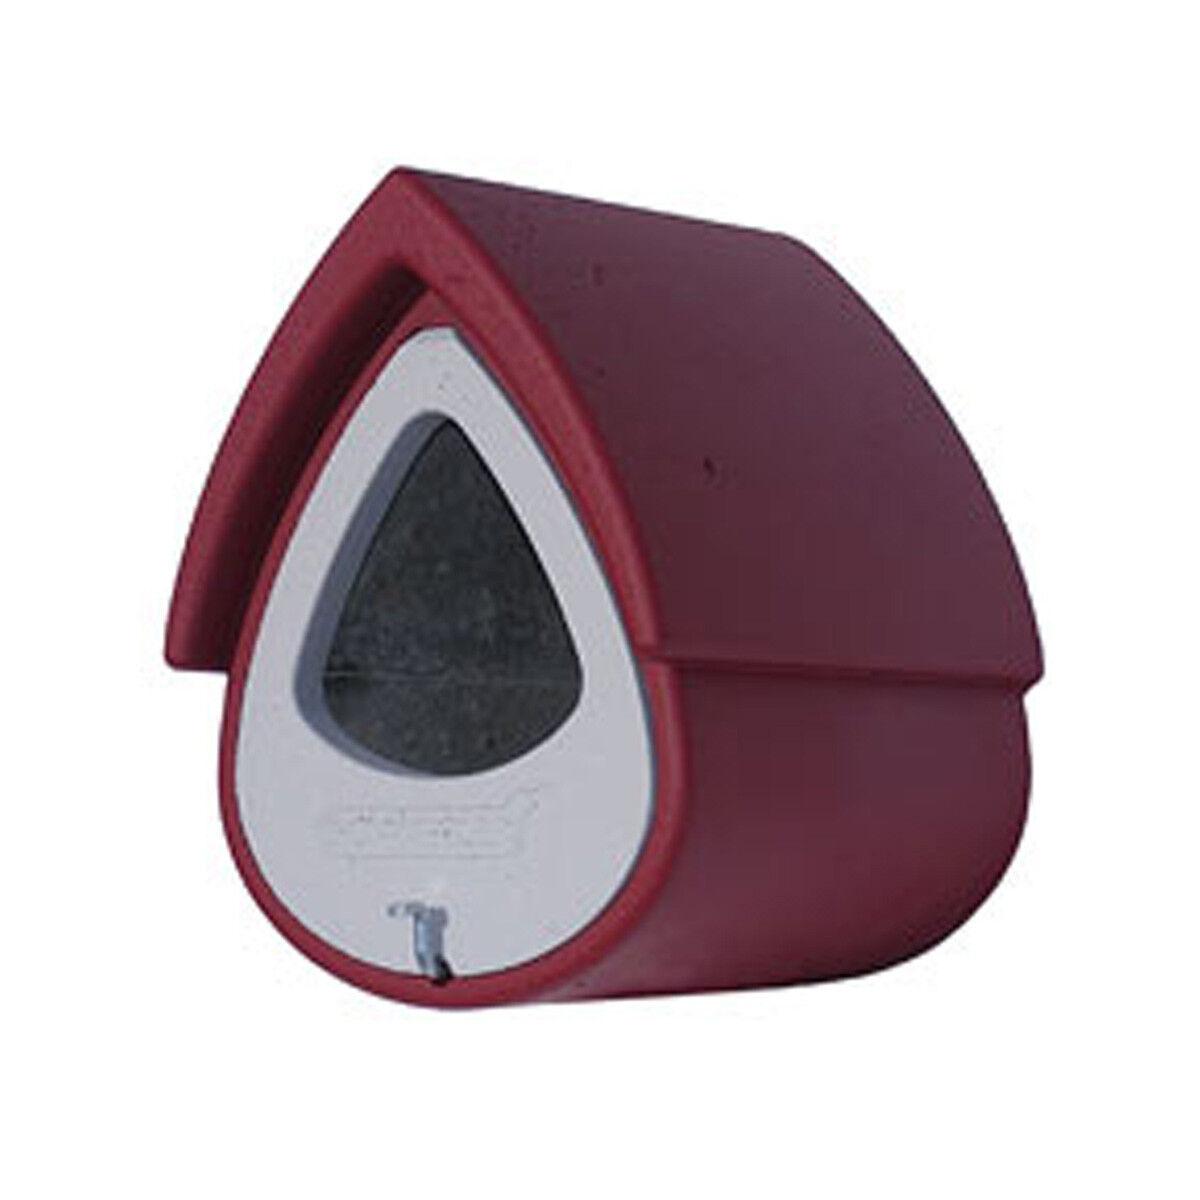 Schwegler 2 MR MR MR Halbhöhle - Nisthöhle - Nistkasten -  Vogelhaus - Rot   Geeignet für Farbe    New Listing    New Style  bc6db8